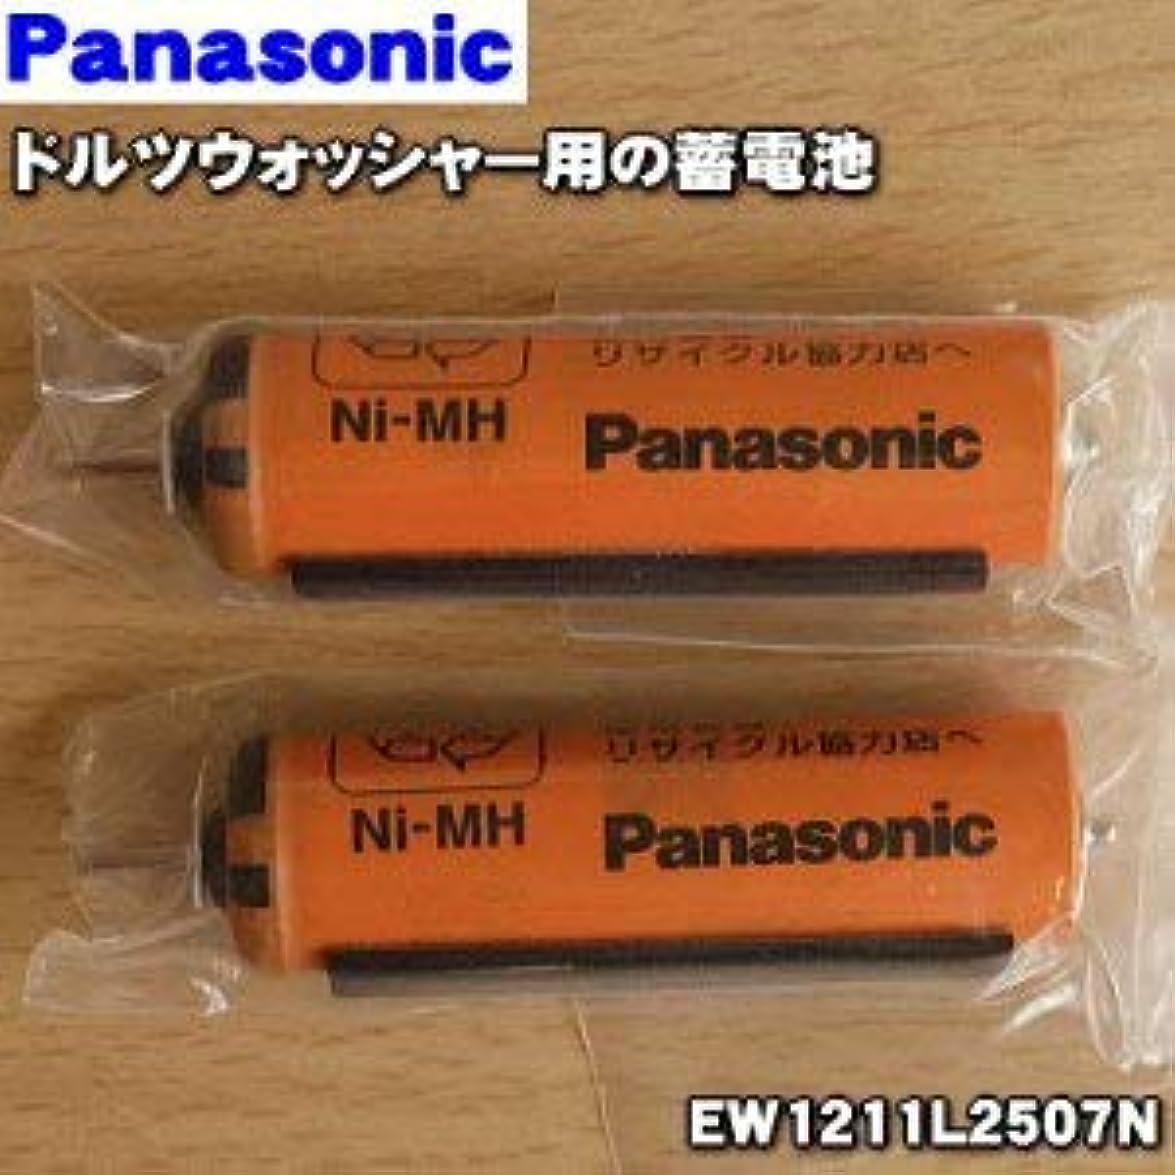 寄付脚本抽象化パナソニック Panasonic 音波振動ハブラシ Doltz 蓄電池交換用蓄電池 EW1211L2507N